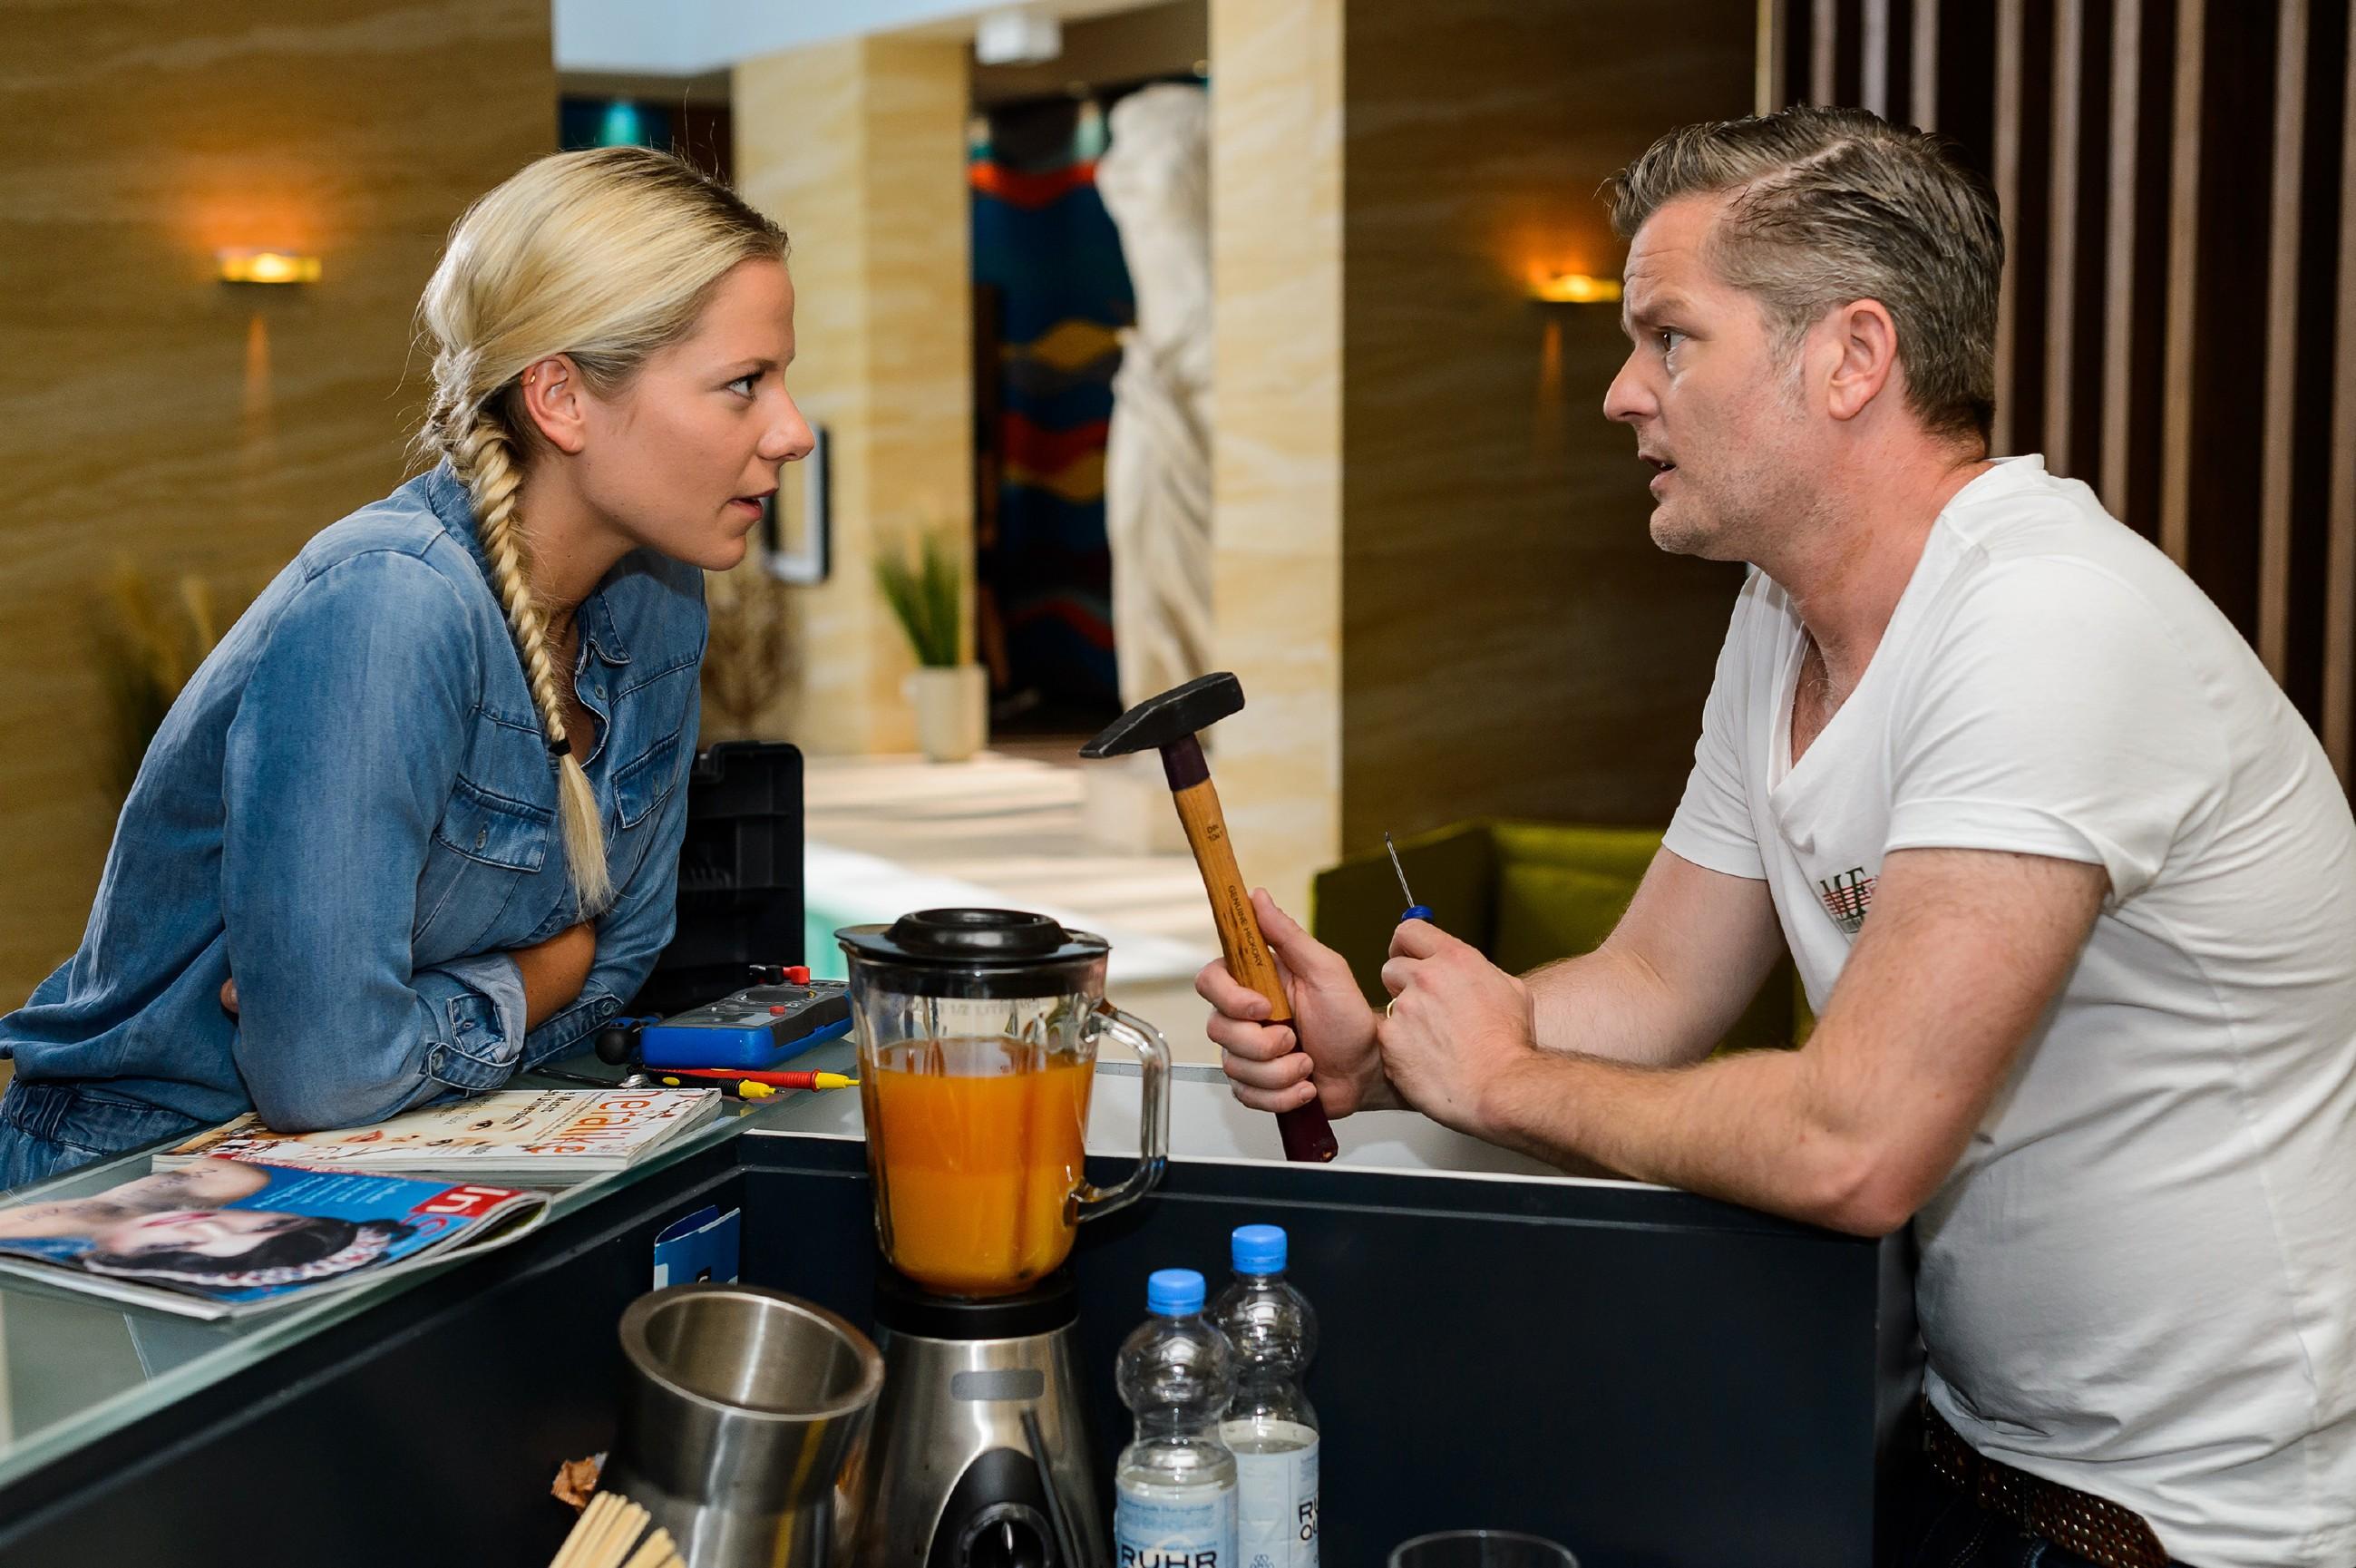 Marie (Cheyenne Pahde) ahnt, dass zwischen Ingo und Diana etwas Heftiges vorgefallen sein muss und appelliert an Ingo (André Dietz), die Streitigkeiten aus dem Weg zu räumen. (Quelle: RTL / Willi Weber)